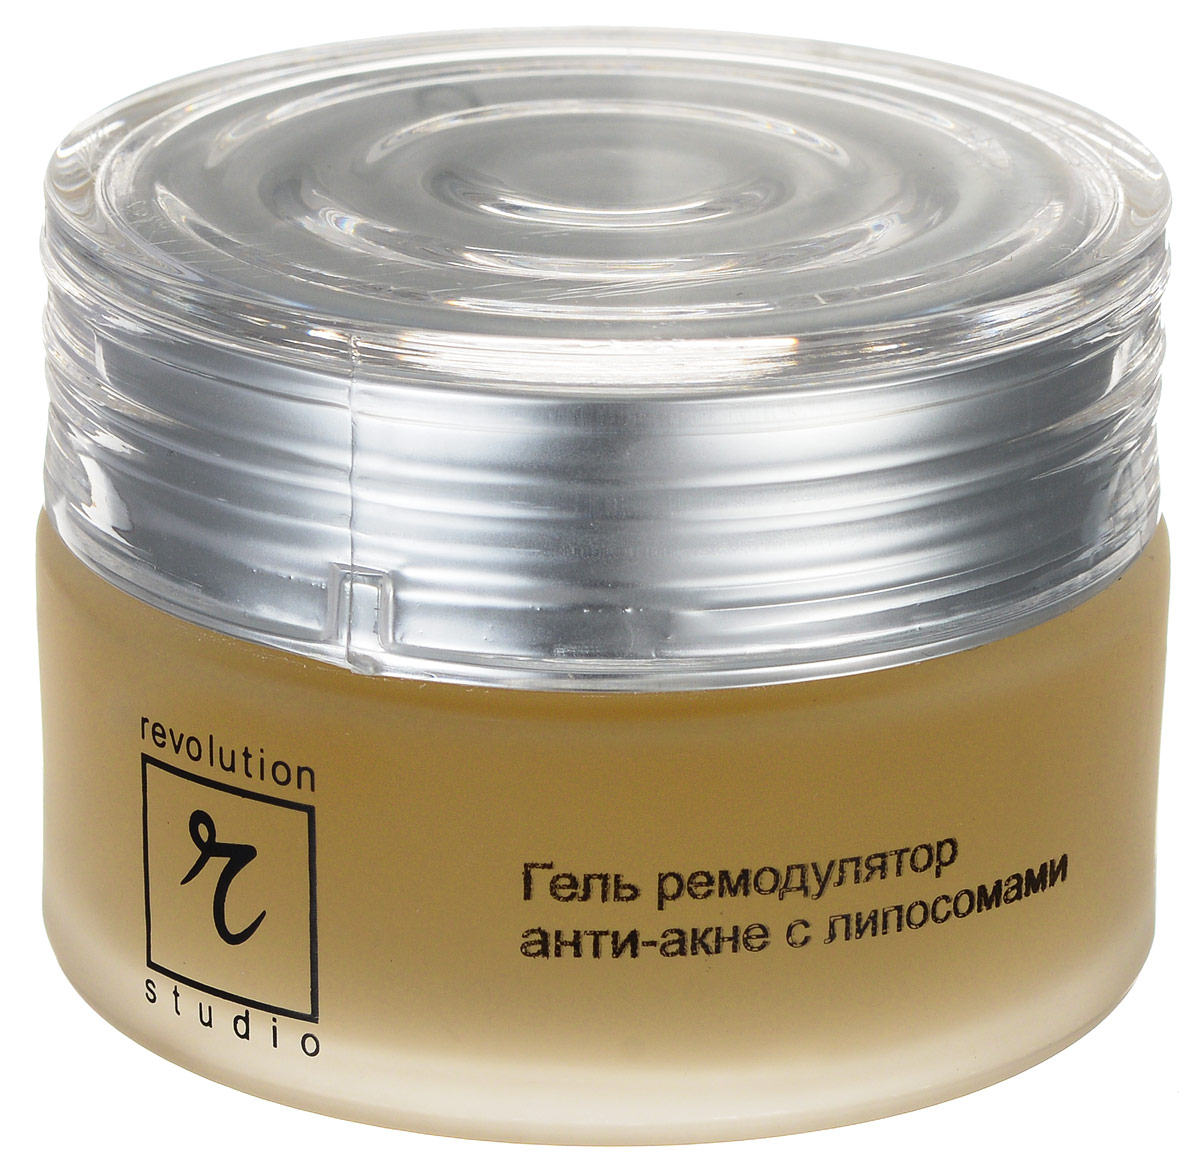 R-Studio Гель-ремодулятор анти-акне ночной с липосомами 50 мл1674 sГель-ремодулятор анти-акне ночной с липосомами - высокоэффективное предотвращение старения клеток кожи:глубоко проникает в кожу и эффективно воздействует на очаг воспаления; улучшает состояние и внешний вид кожи; приводит в норму ее влажность, жирность и эластичность; активизирует процесс регенерации кожи.